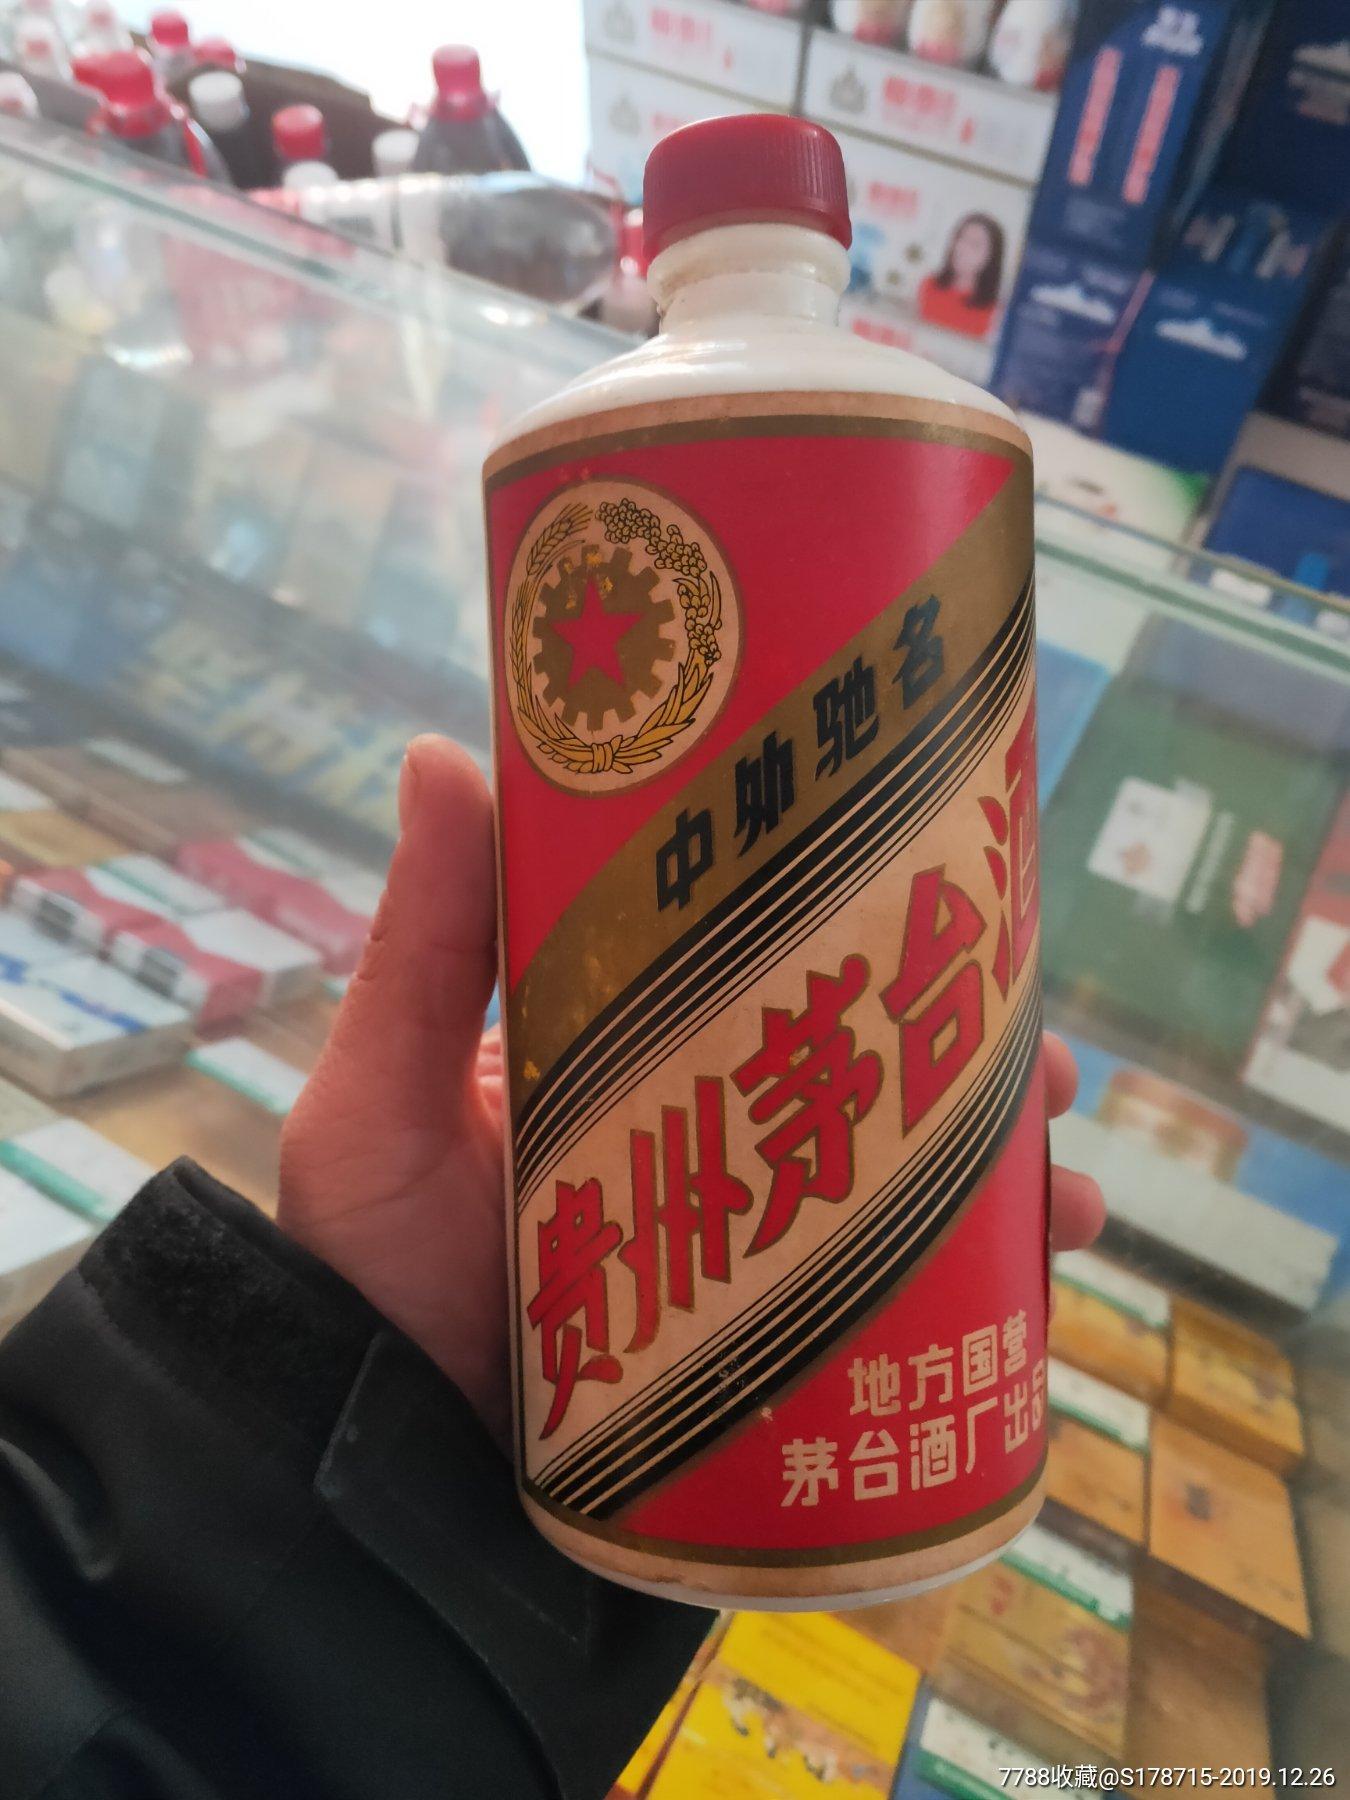 79年三大革命茅台瓶,(au21998875)_